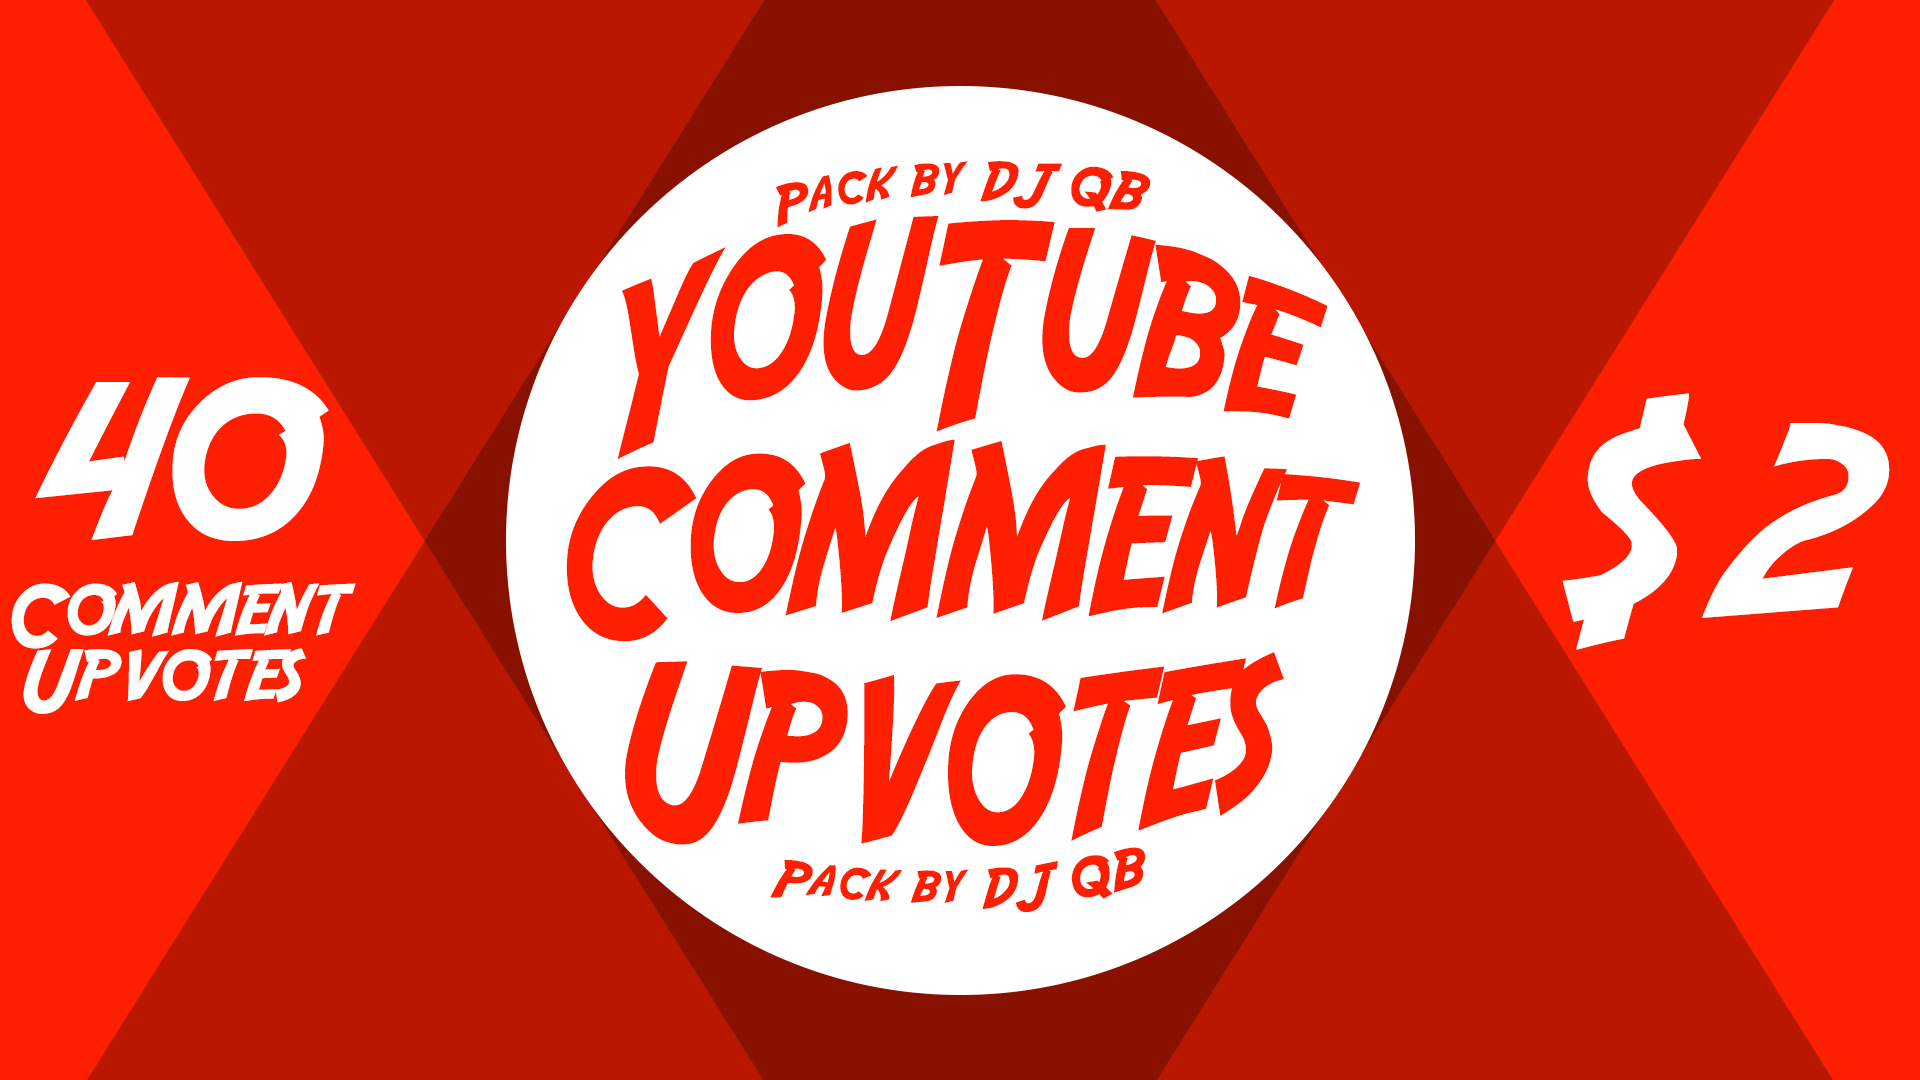 Y T Coment Upvotes,  Video Coment Votes